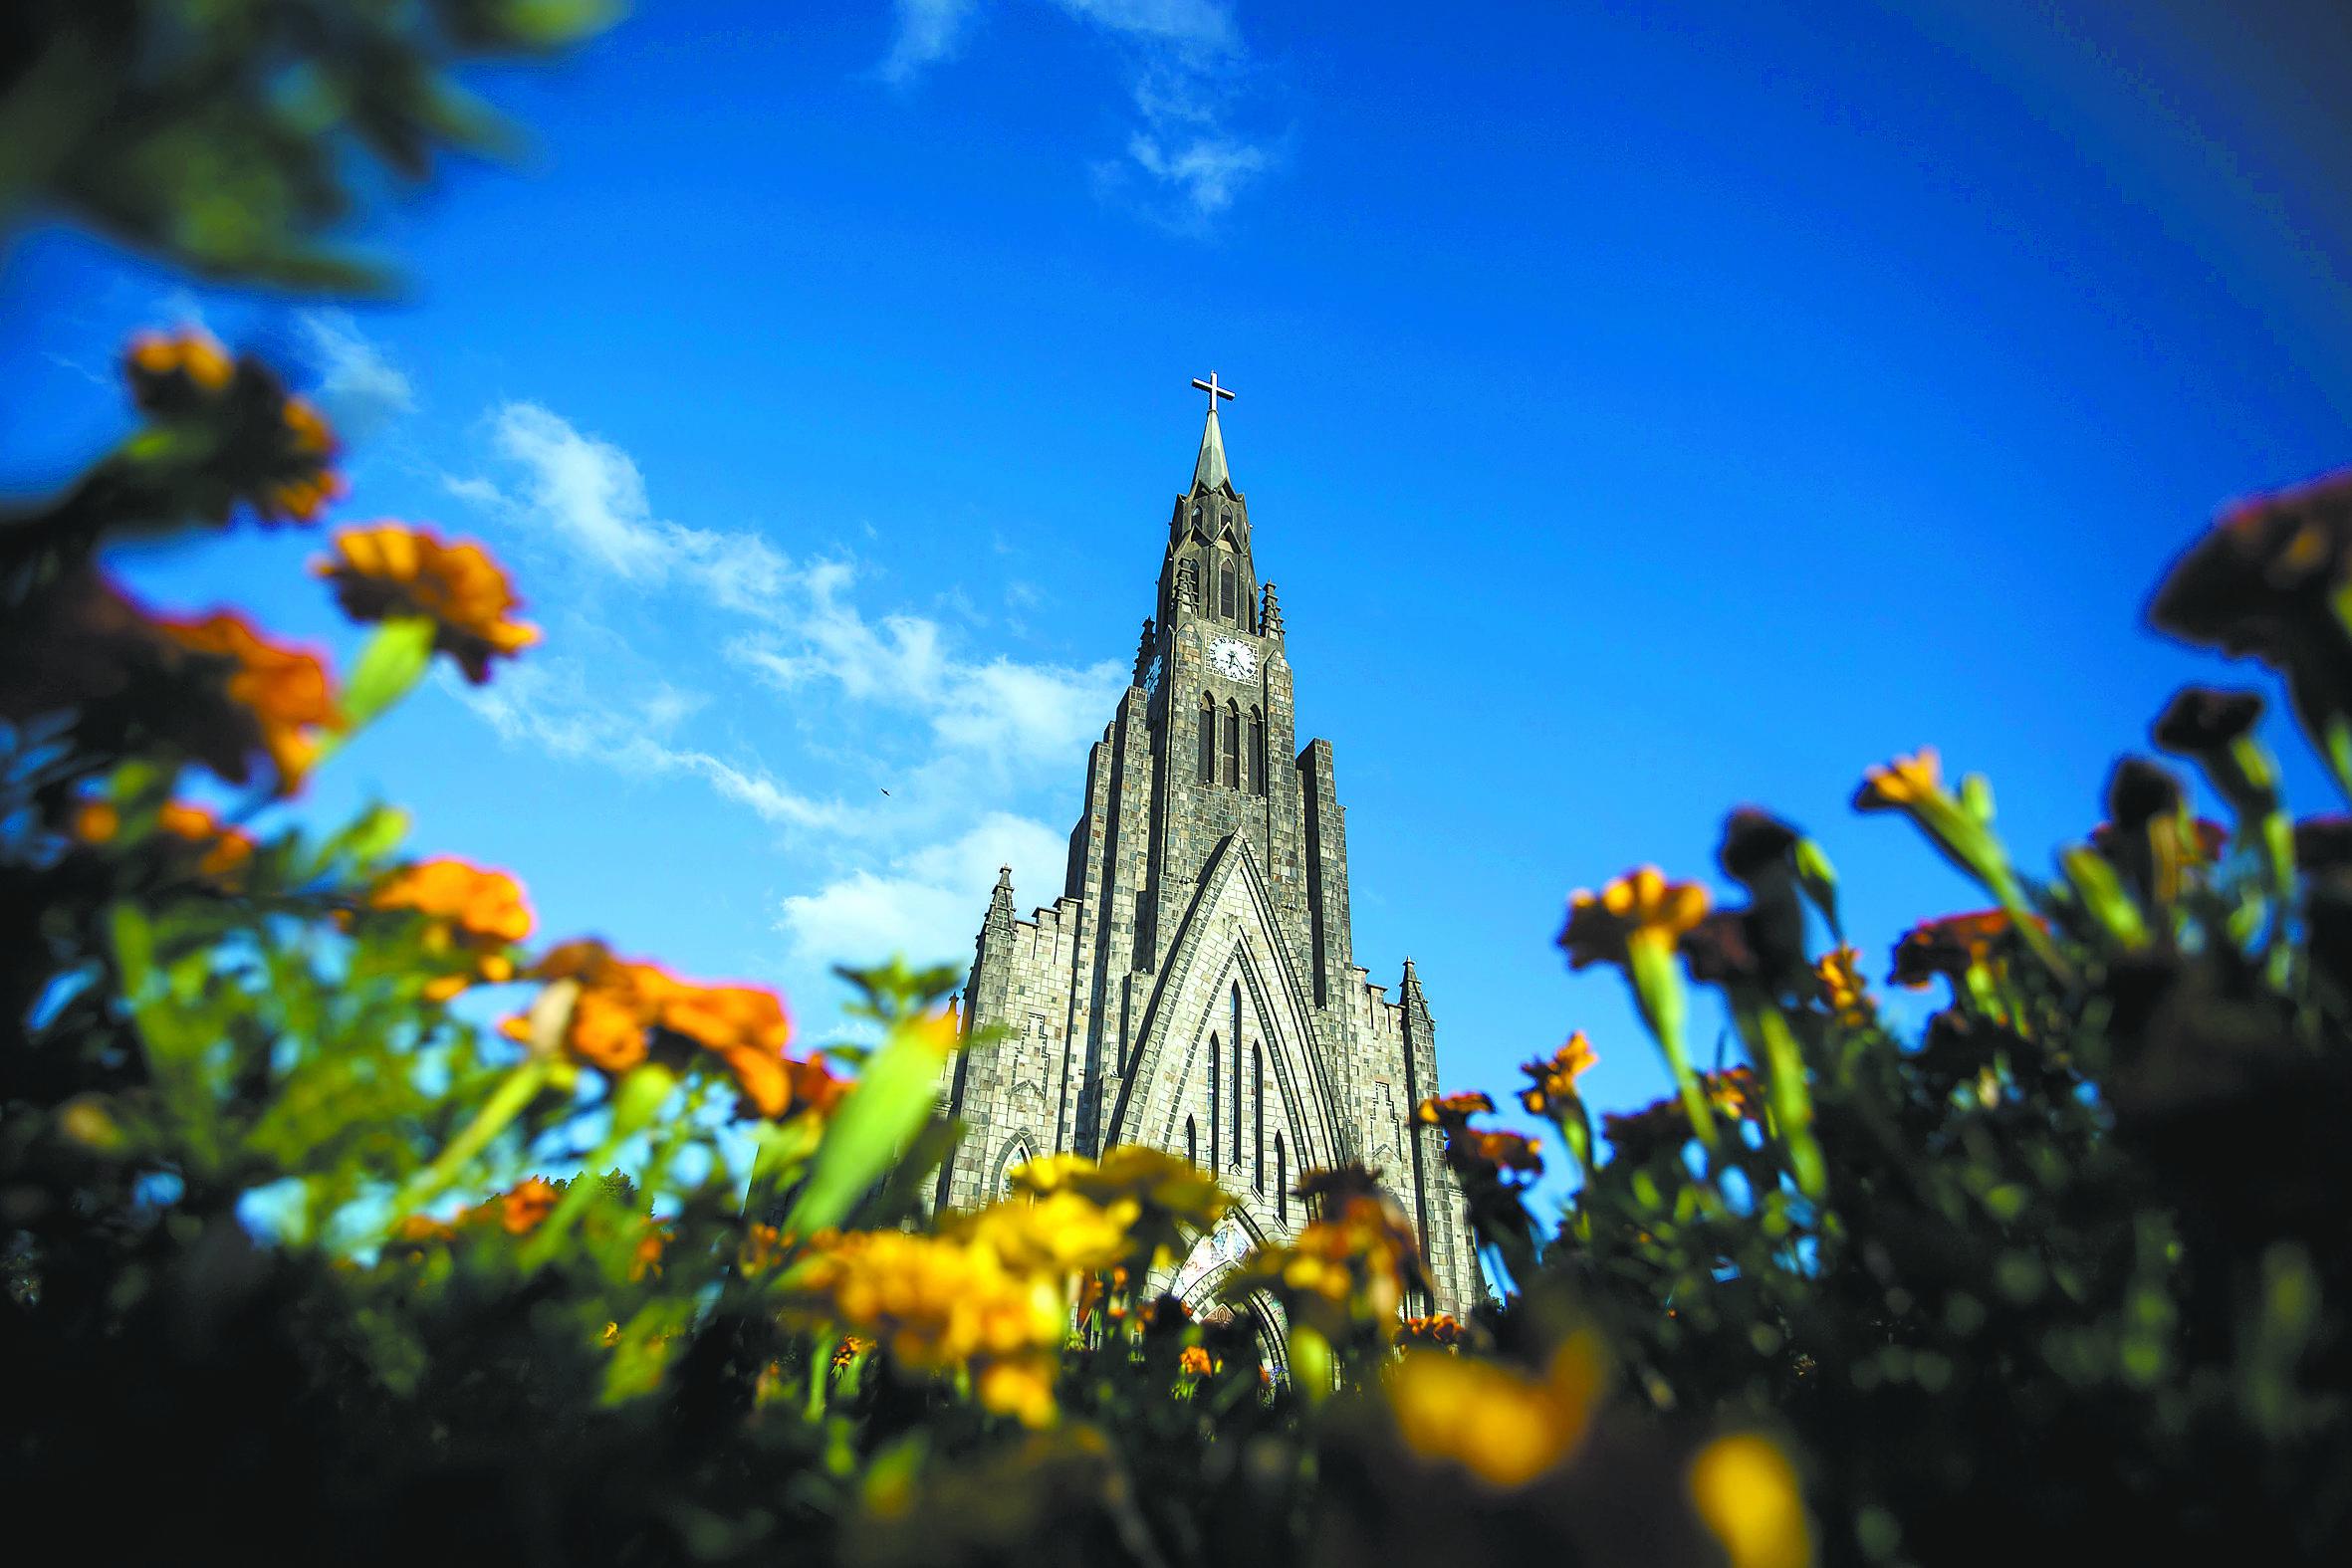 Catedral de Pedra de Nossa Senhora de Lourdes fica em Canela | Bruna Prado e Anassilvia Bortoluzzi